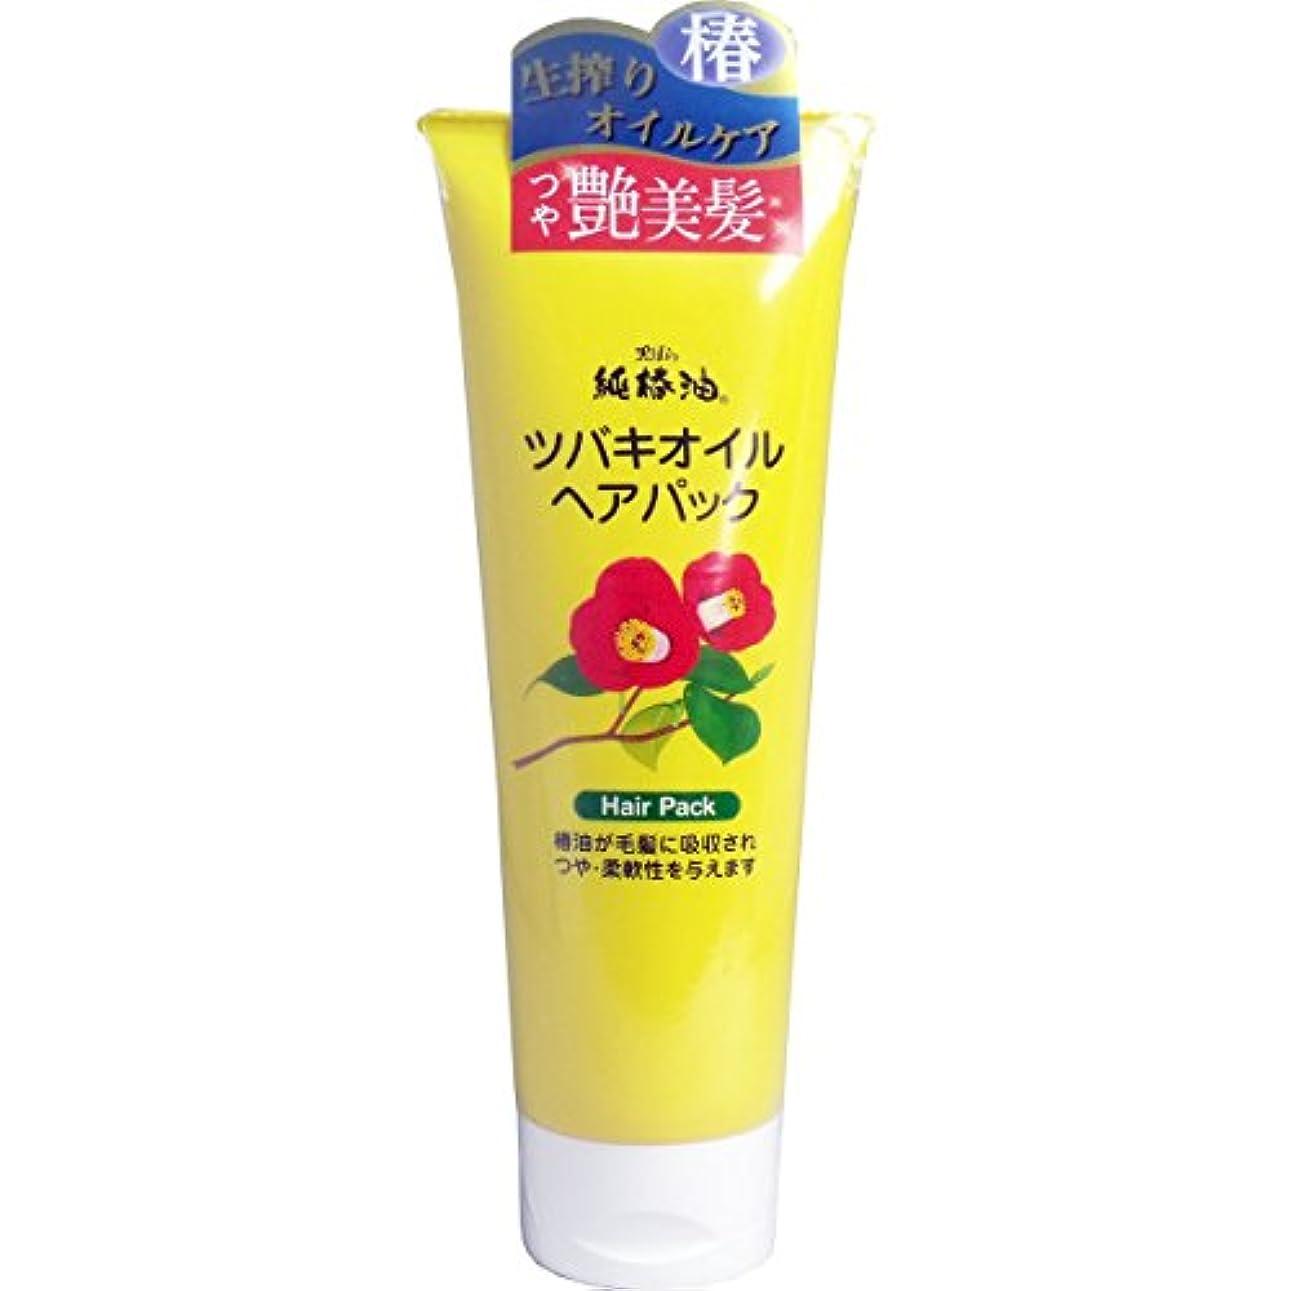 マウスピース怠けたどのくらいの頻度で黒ばら 純椿油 ツバキオイルヘアパック 3セット